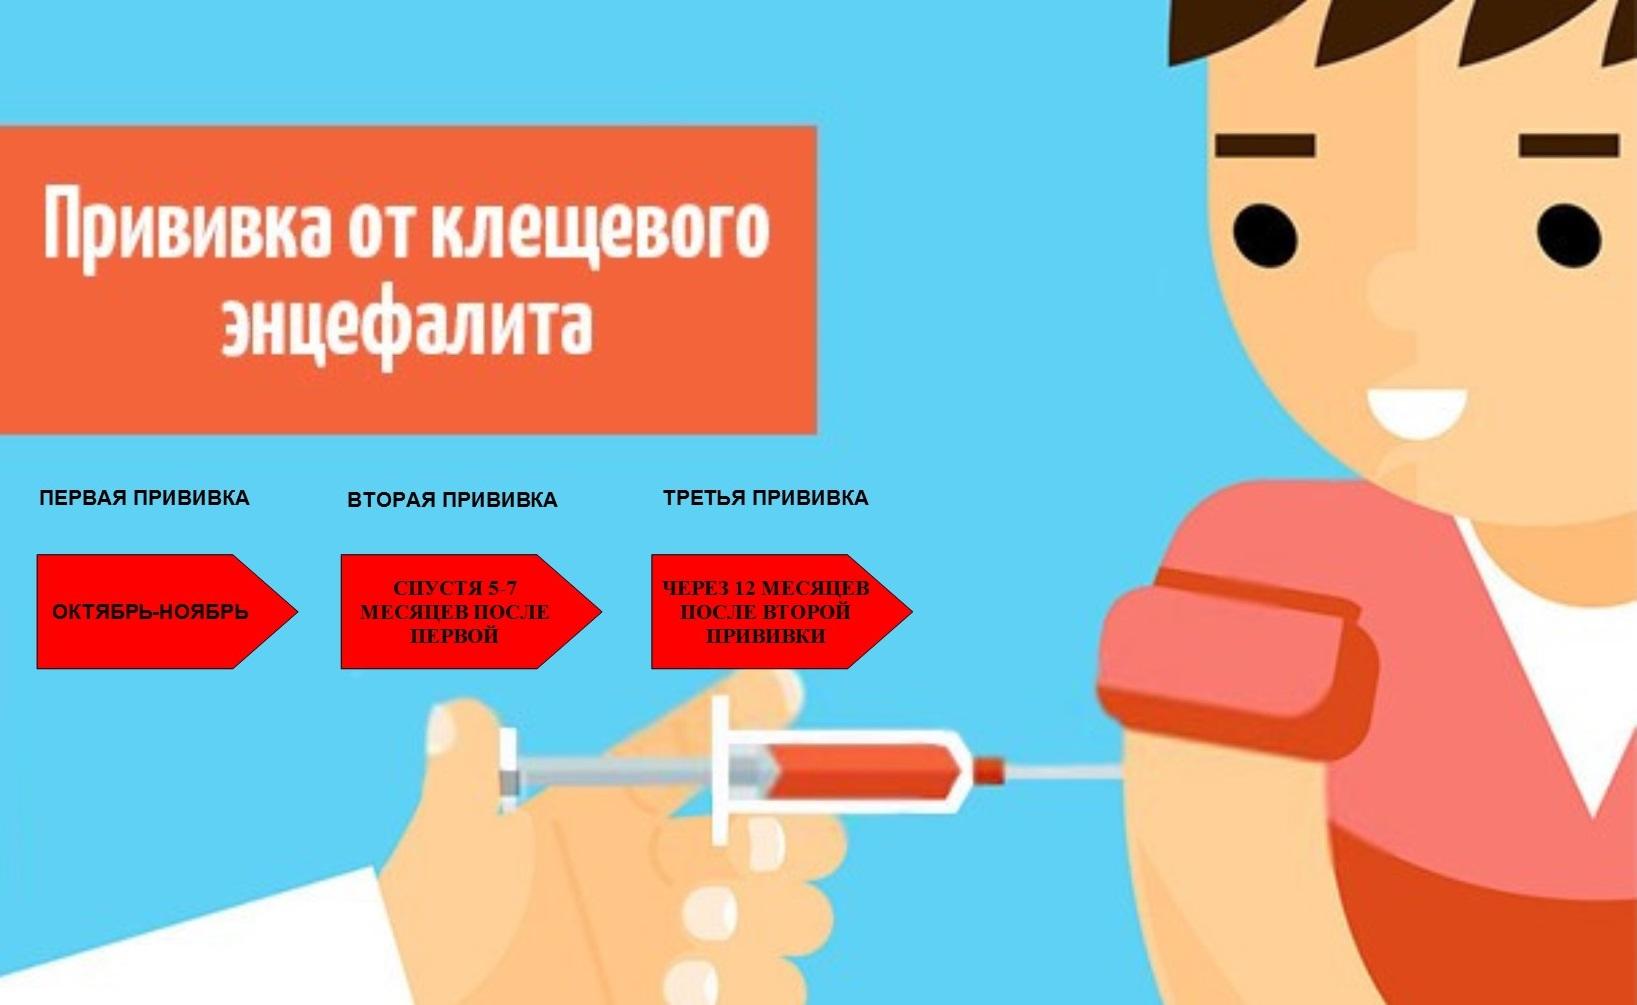 Прививка от клеща: сроки вакцинации, сколько стоит